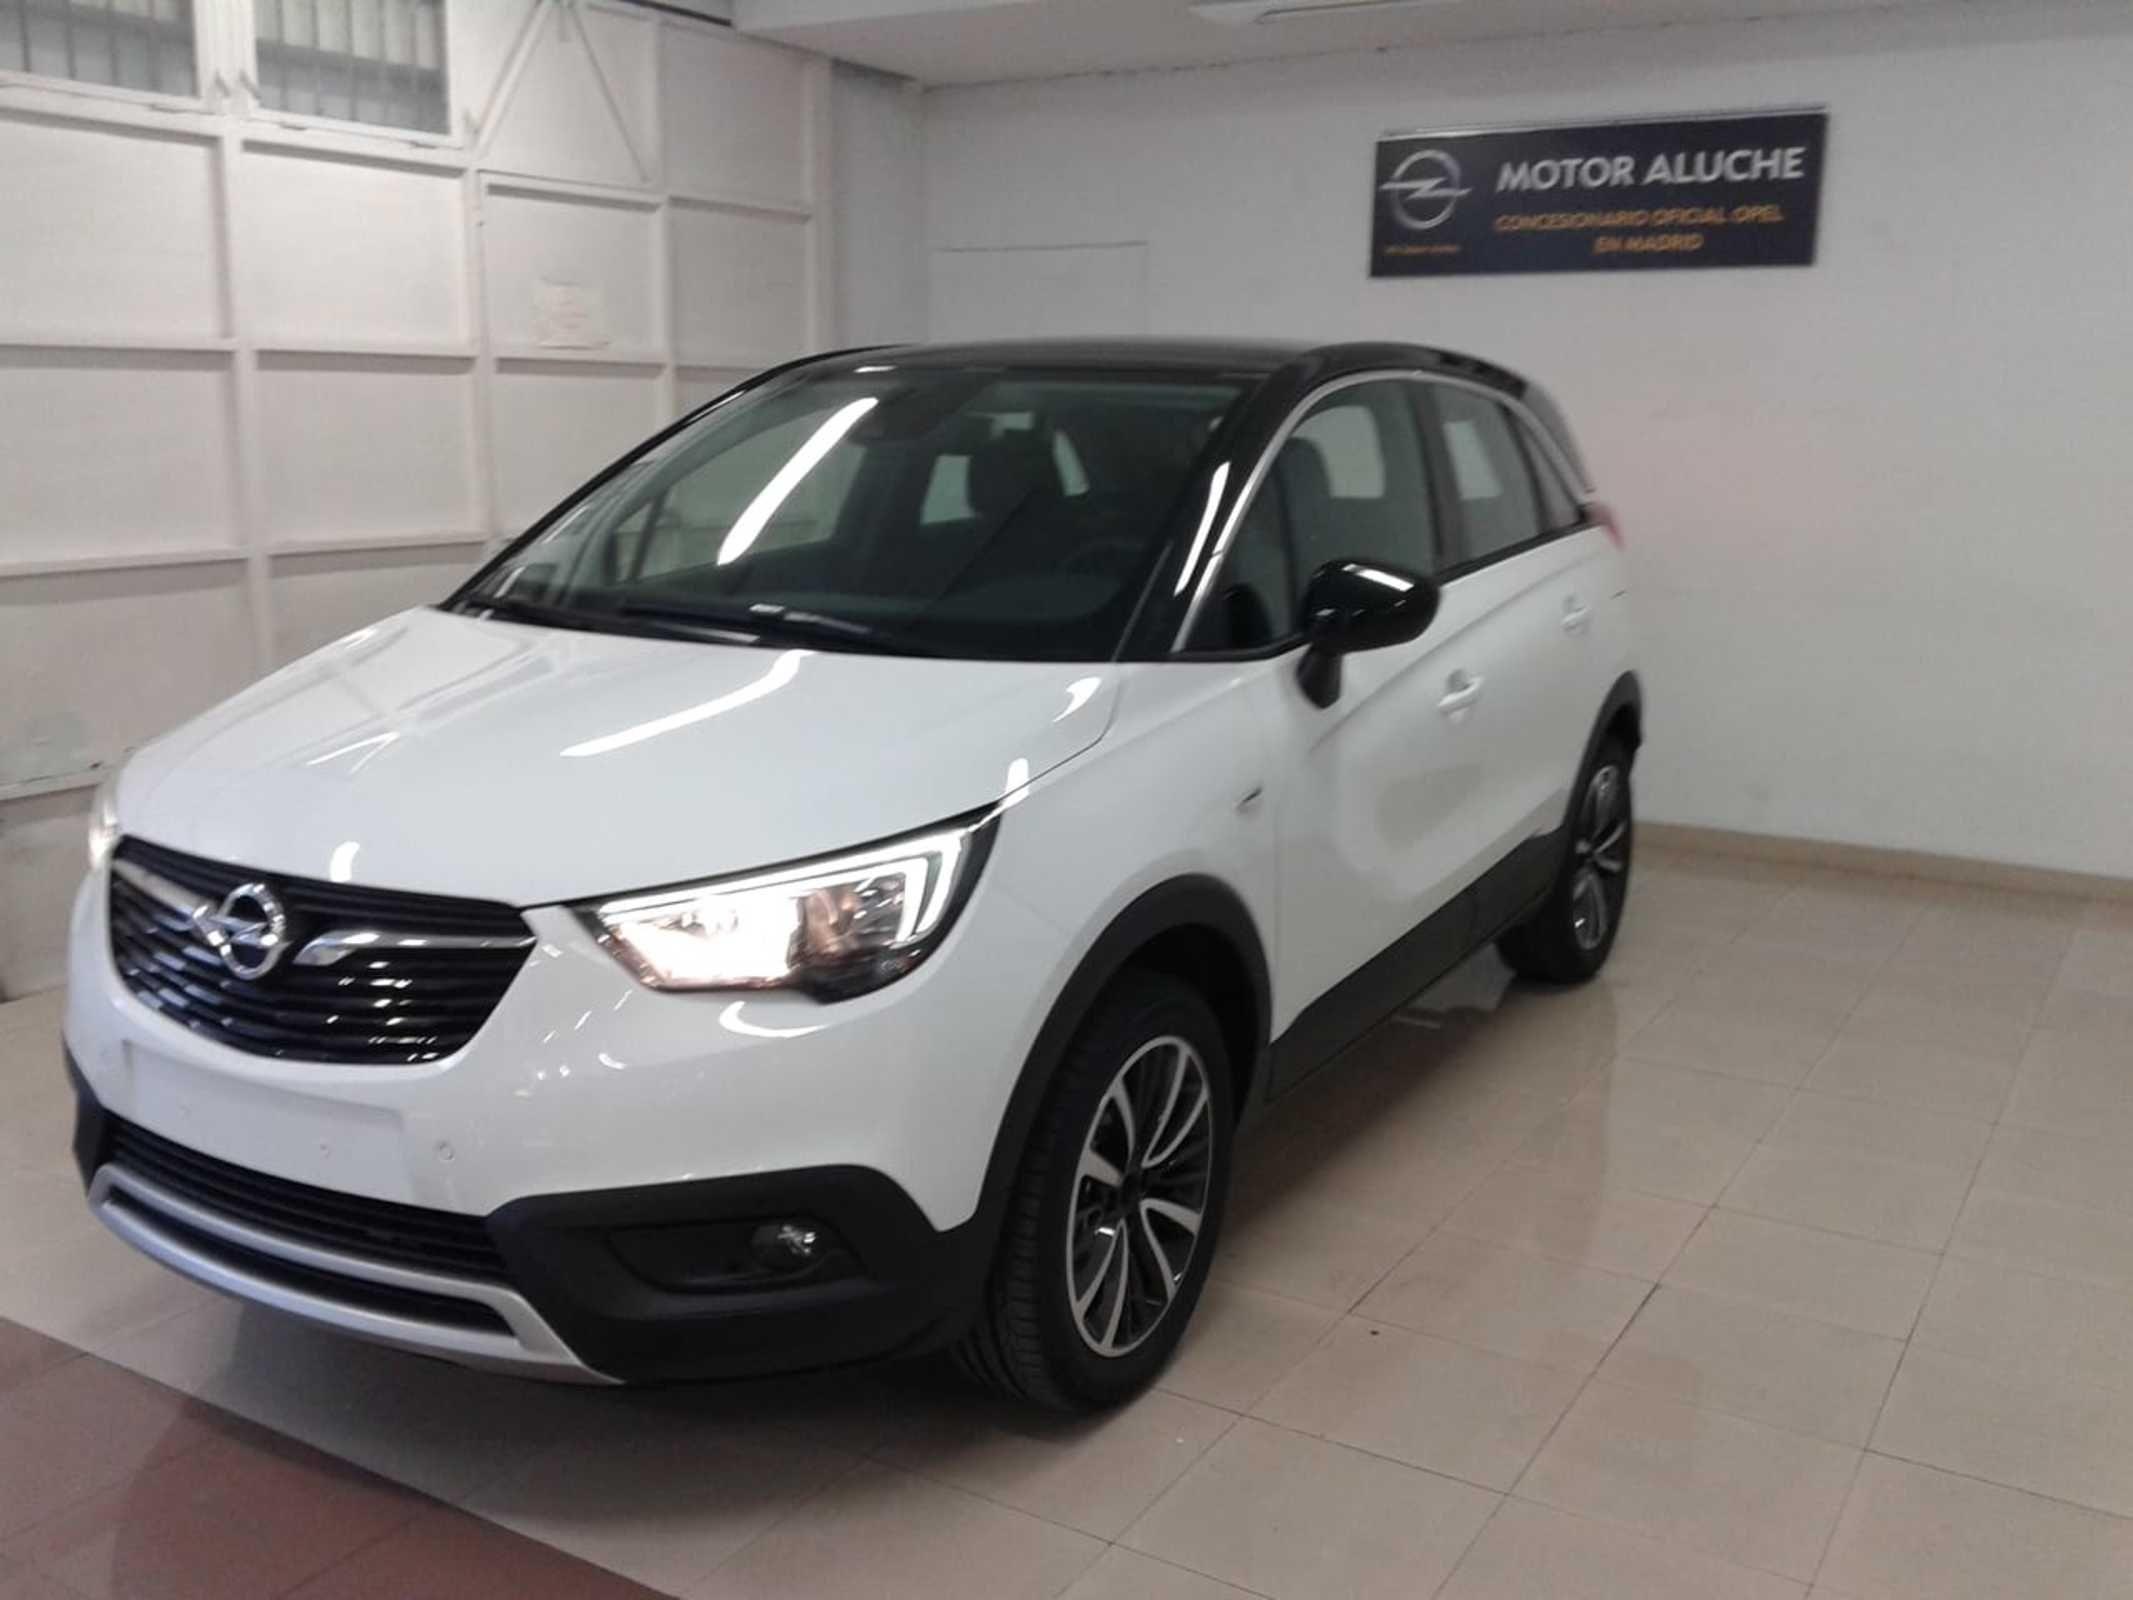 Opel Crossland X Innovation 1.2 S&S (130cv) desde 17.295€